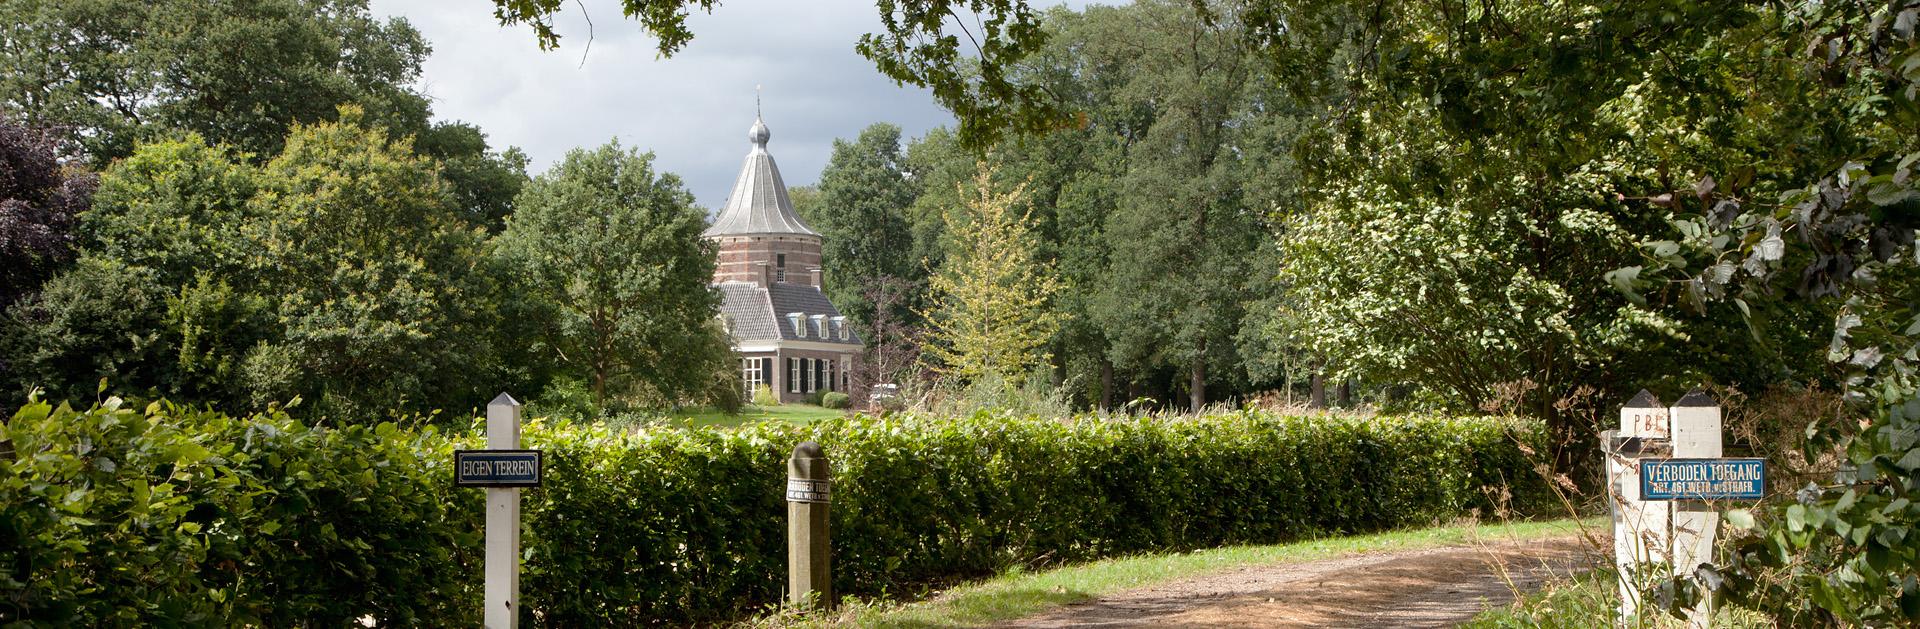 Havezate Kemnade - Wijnbergen